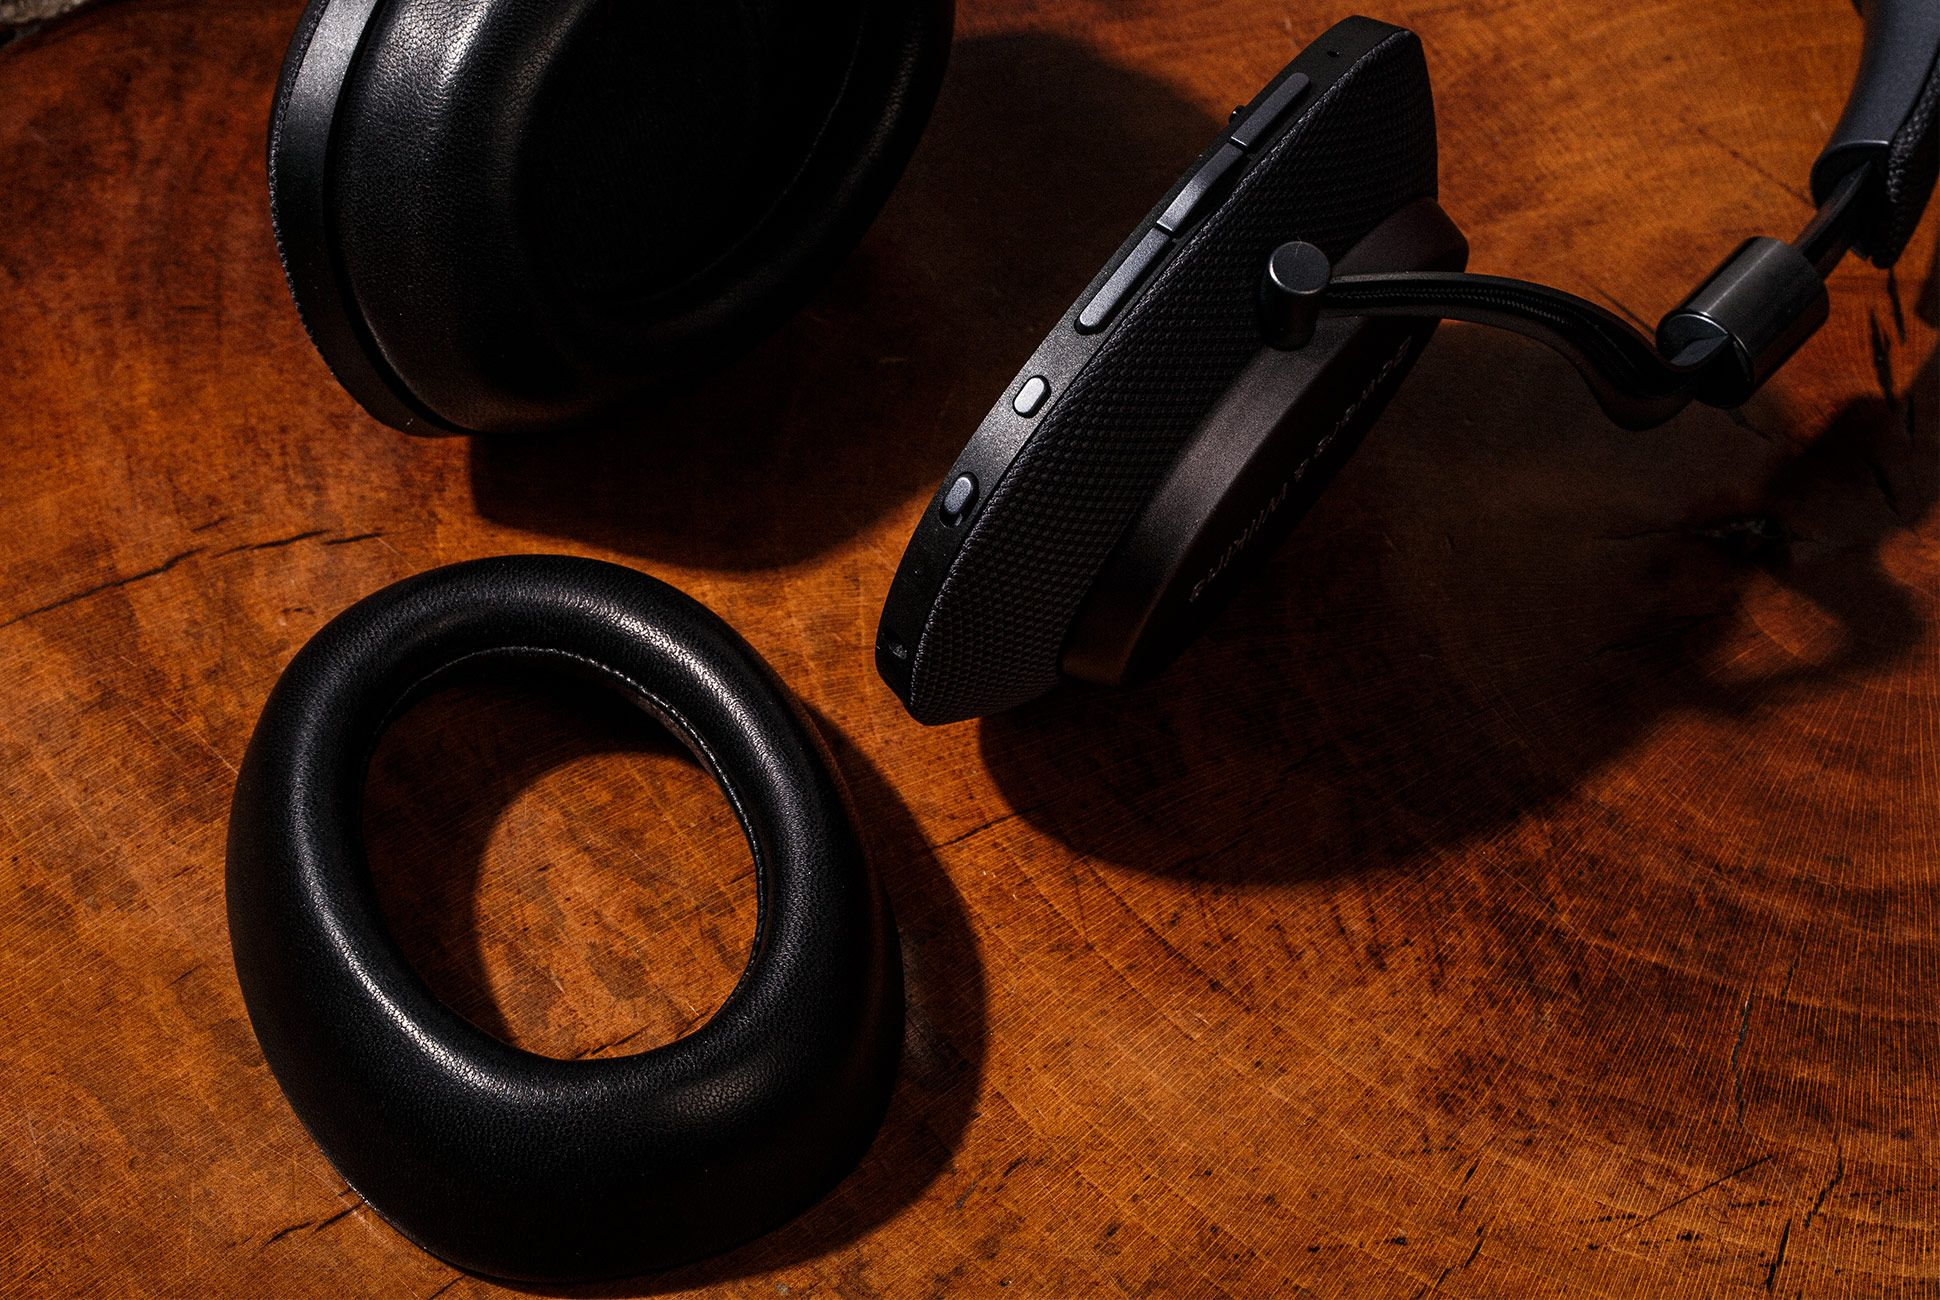 Bowers-Wilkins-PX-Headphones-gear-patrol-5